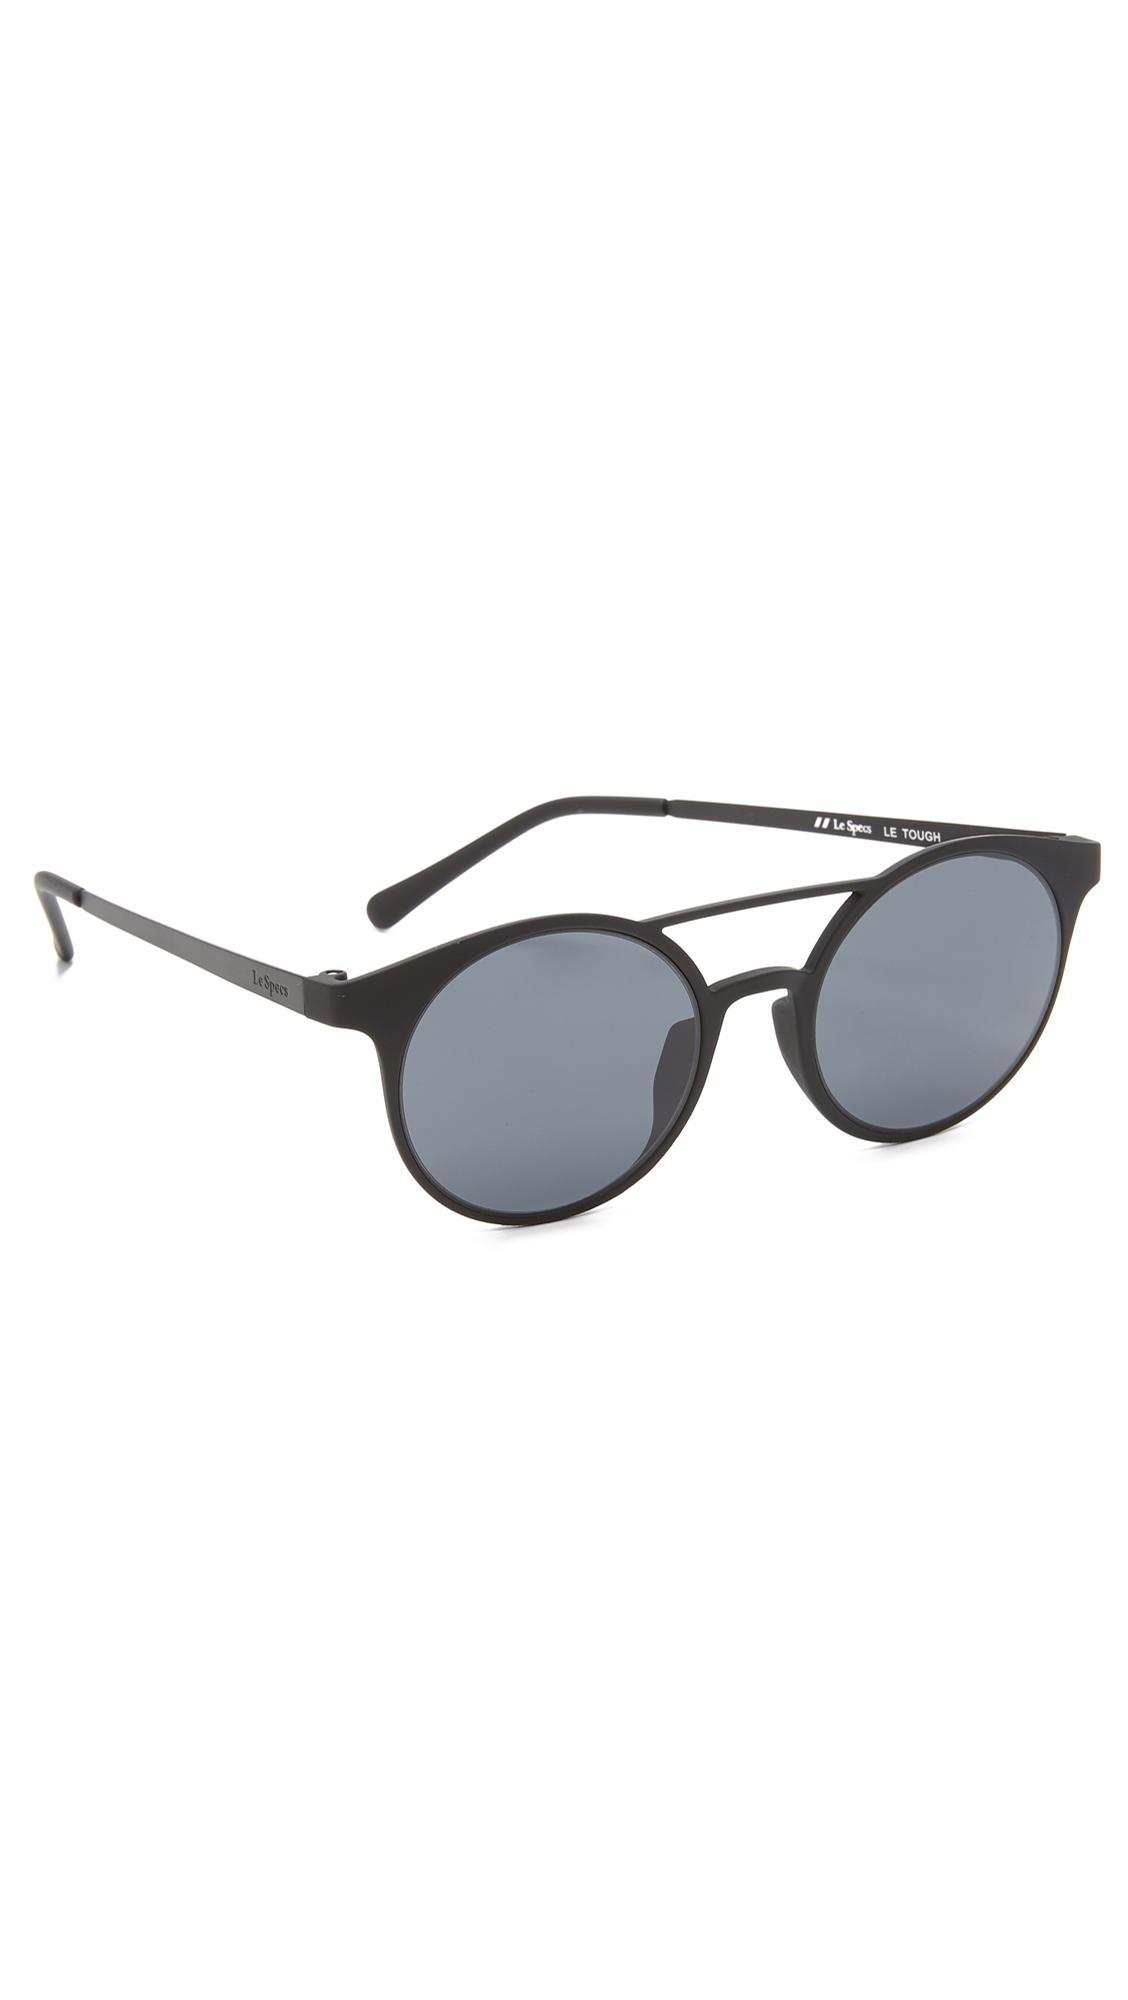 376f5aa73ca Le Specs Demo Mode Sunglasses in Black for Men - Lyst